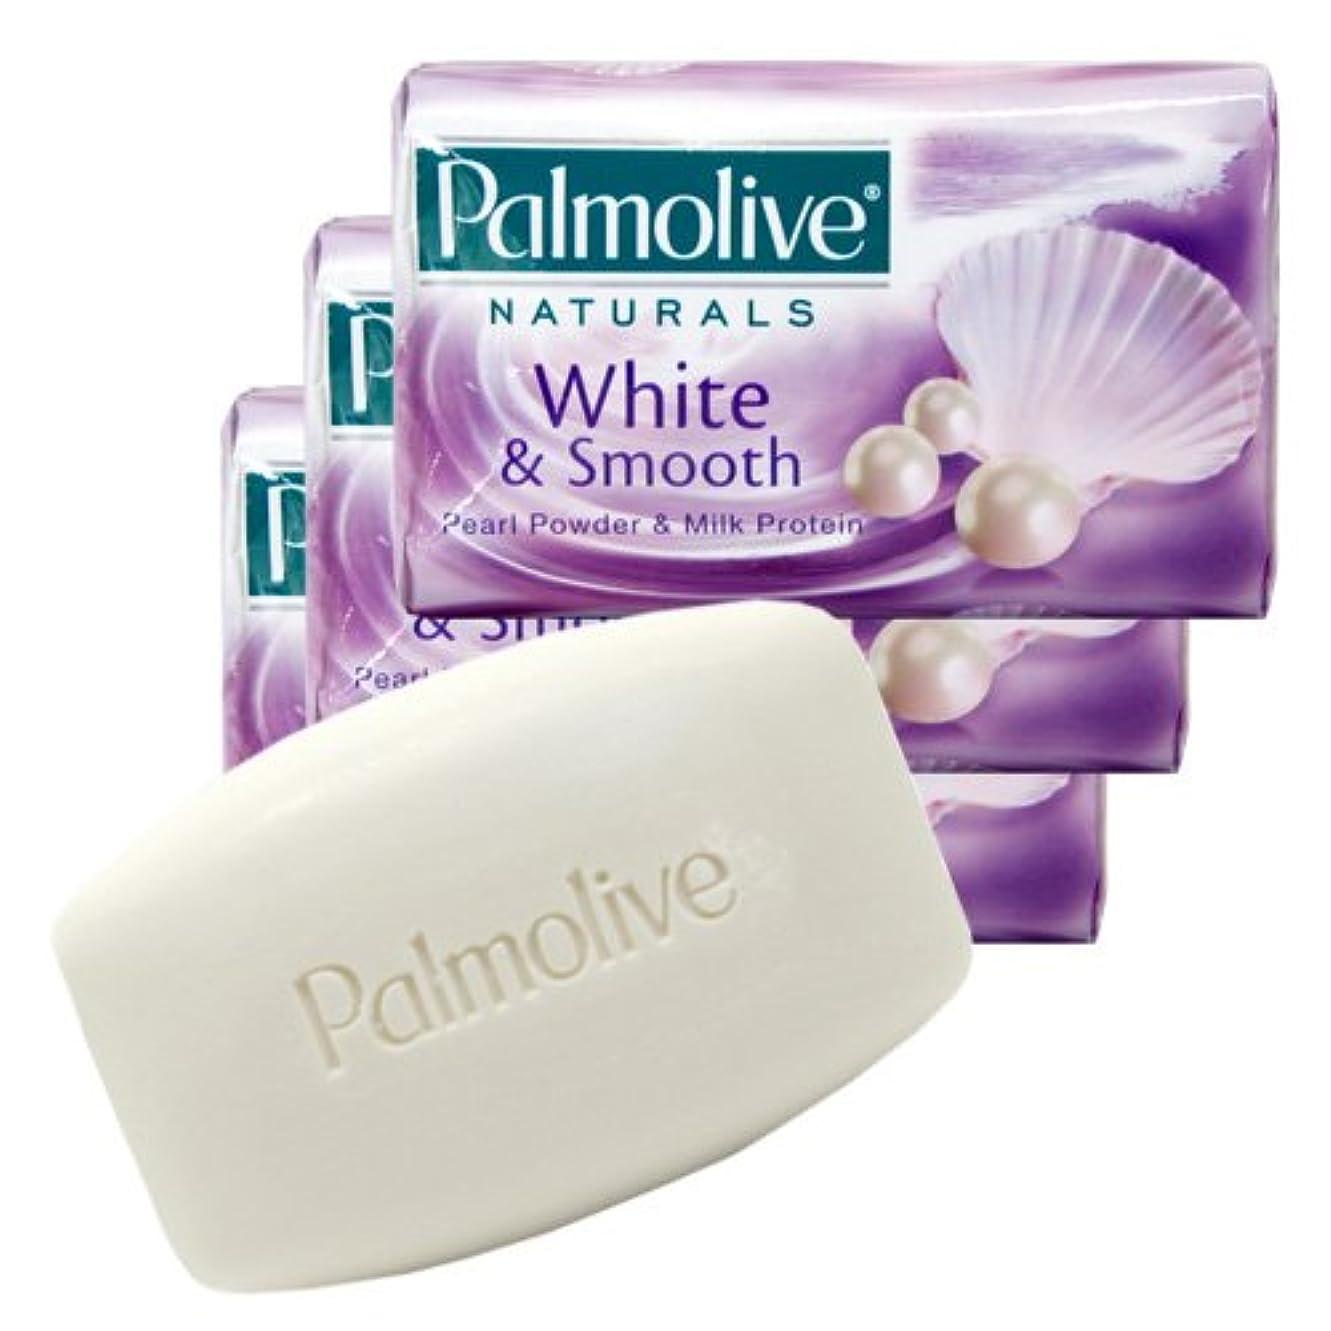 役立つ反抗うがい薬【Palmolive】パルモリーブ ナチュラルズ石鹸3個パック ホワイト&スムース(パールパウダー&ミルクプロテイン)80g×3